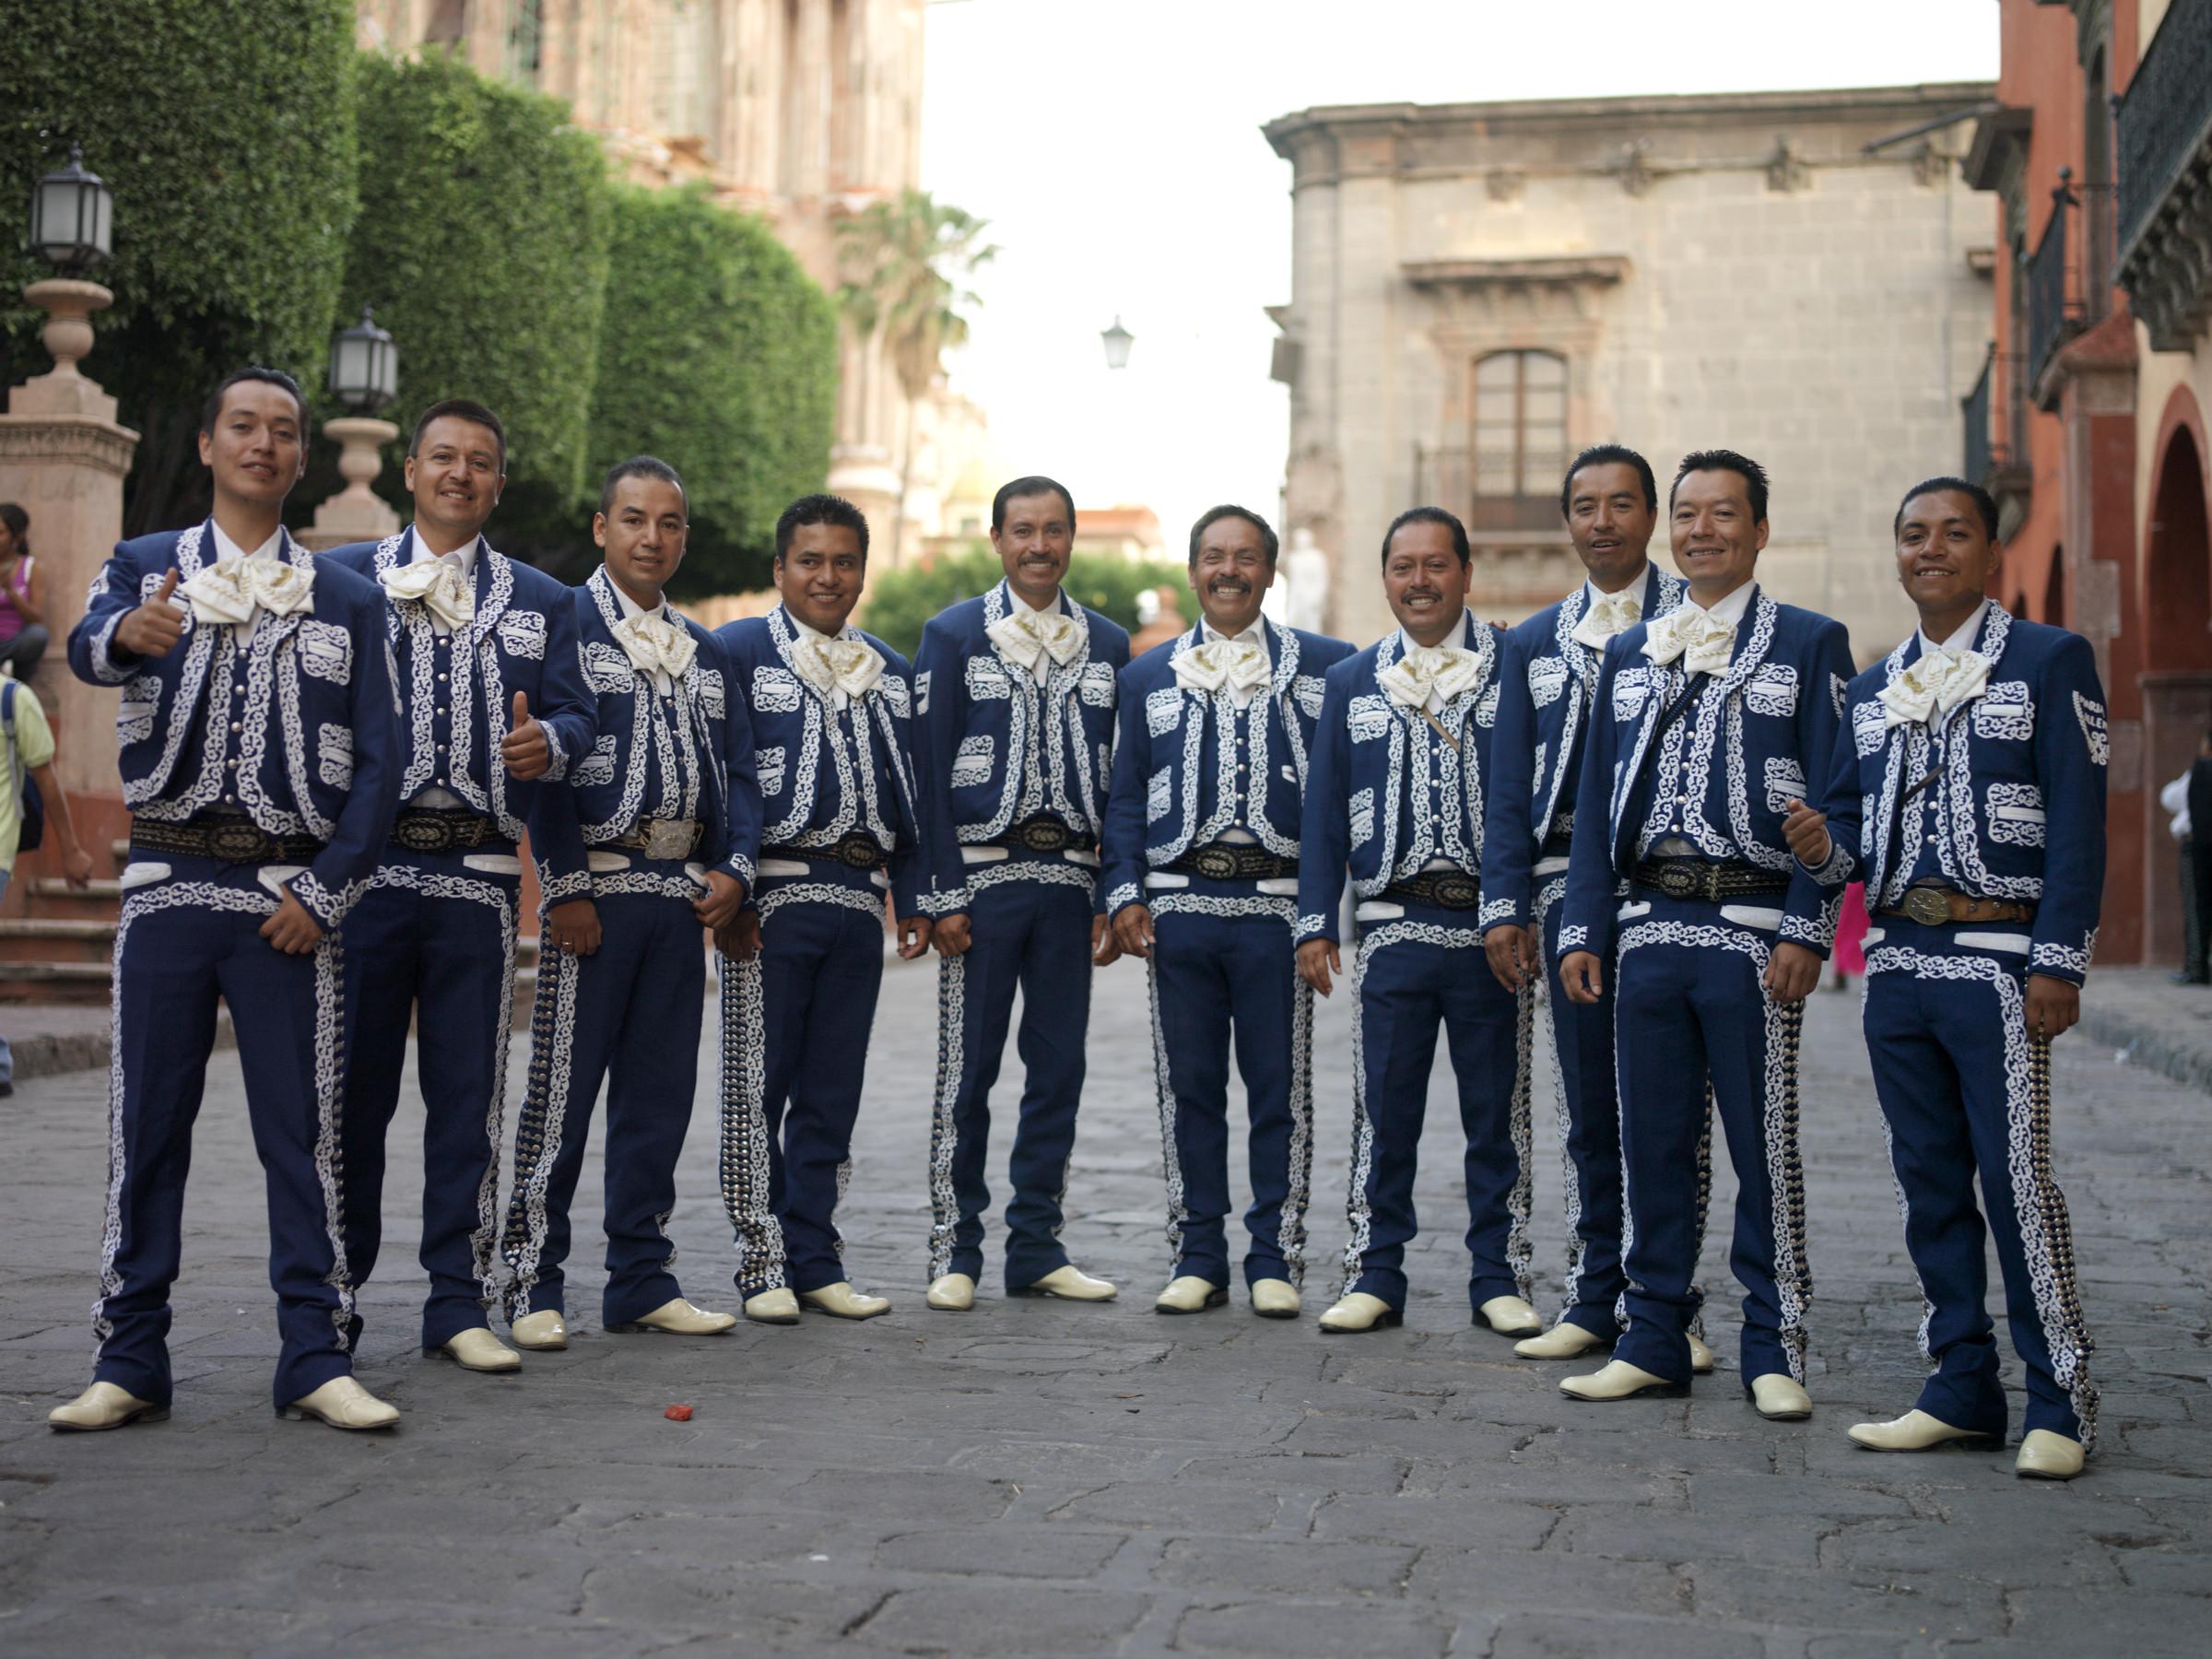 mariachi band history essay